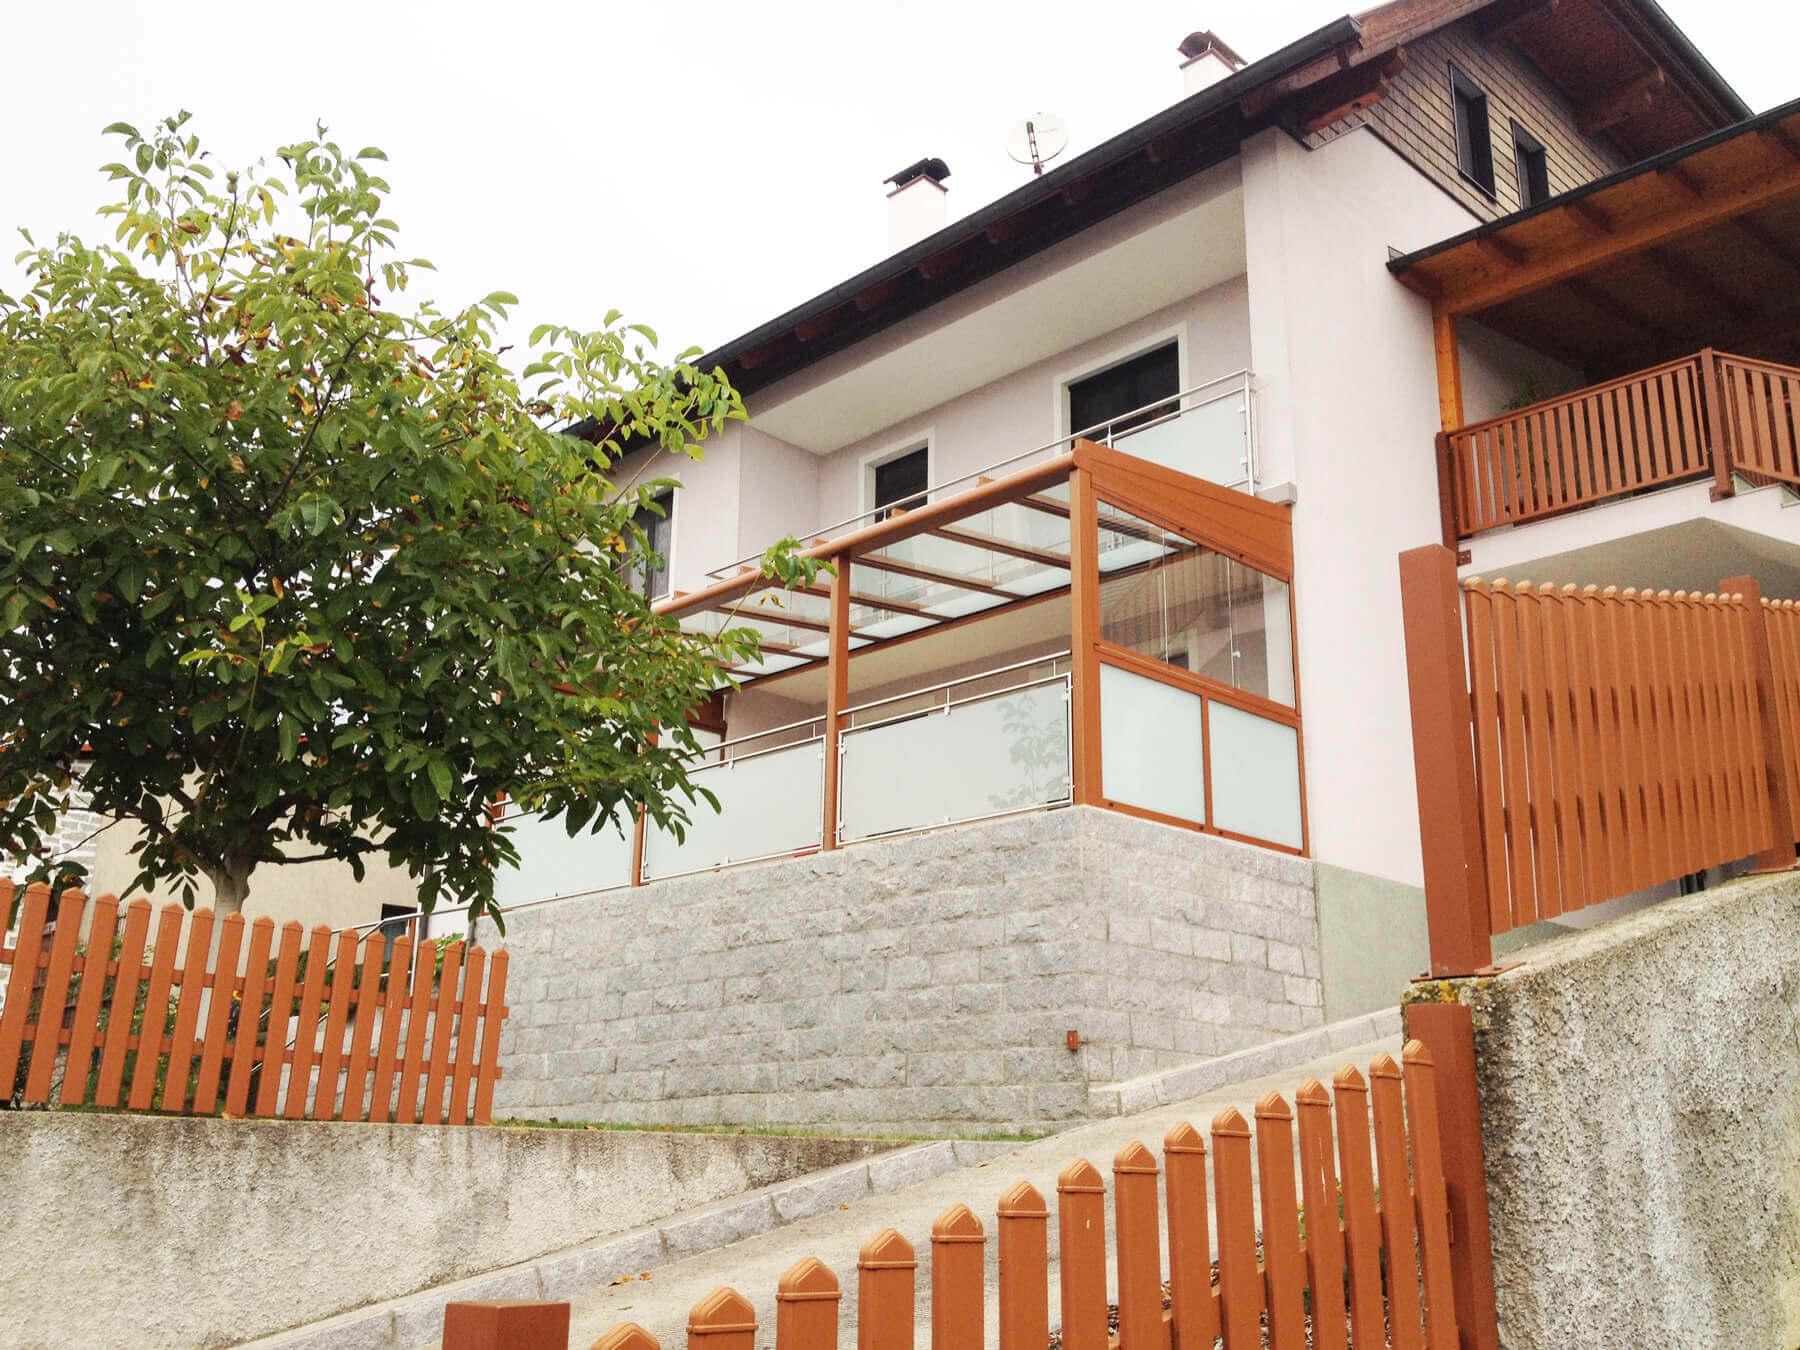 Unter Balkon Montage einer Terrassenüberdachung